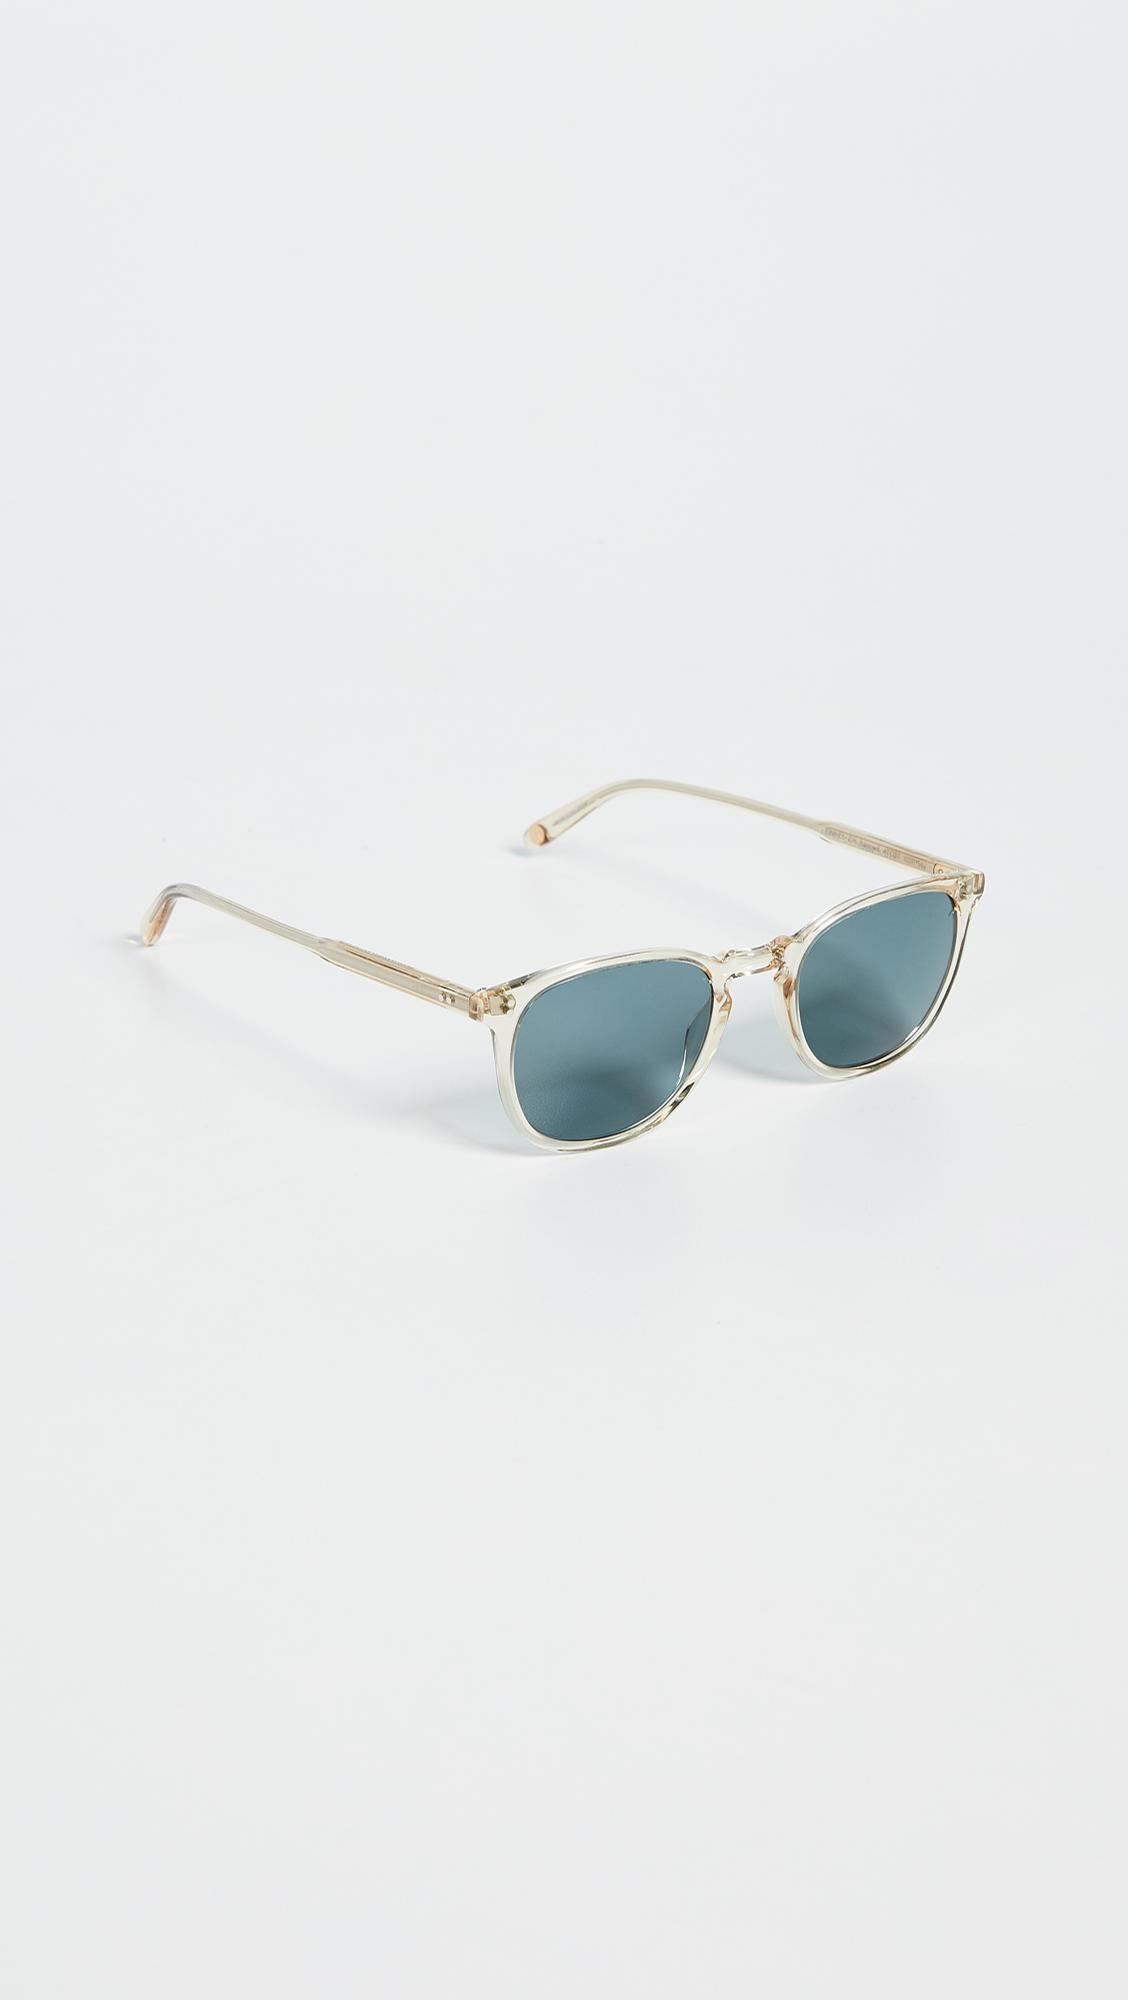 Garrett Leight Kinney 47 Sunglasses in Champagne/Blue (Blue)